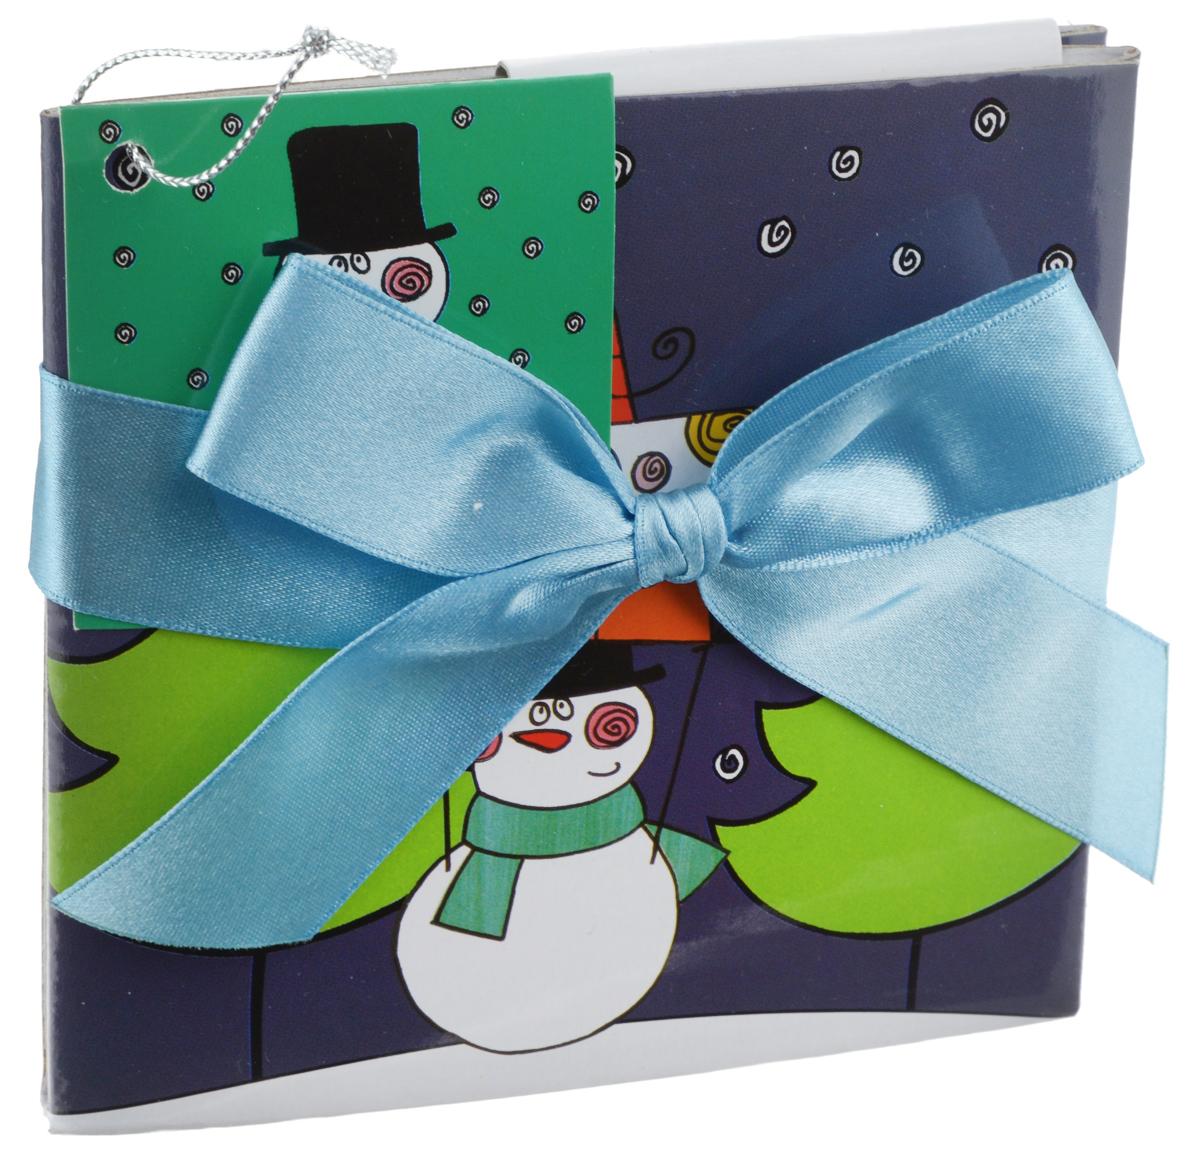 Коробка подарочная Winter Wings, 12 х 12 х 12 смN14060/128Подарочная коробка Winter Wings выполнена из картона. Крышка оформлена изображением снеговиков. Подарочная коробка - это наилучшее решение, если вы хотите порадовать ваших близких и создать праздничное настроение, ведь подарок, преподнесенный в оригинальной упаковке, всегда будет самым эффектным и запоминающимся. Окружите близких людей вниманием и заботой, вручив презент в нарядном, праздничном оформлении. Размеры: 12 х 12 х 12 см.